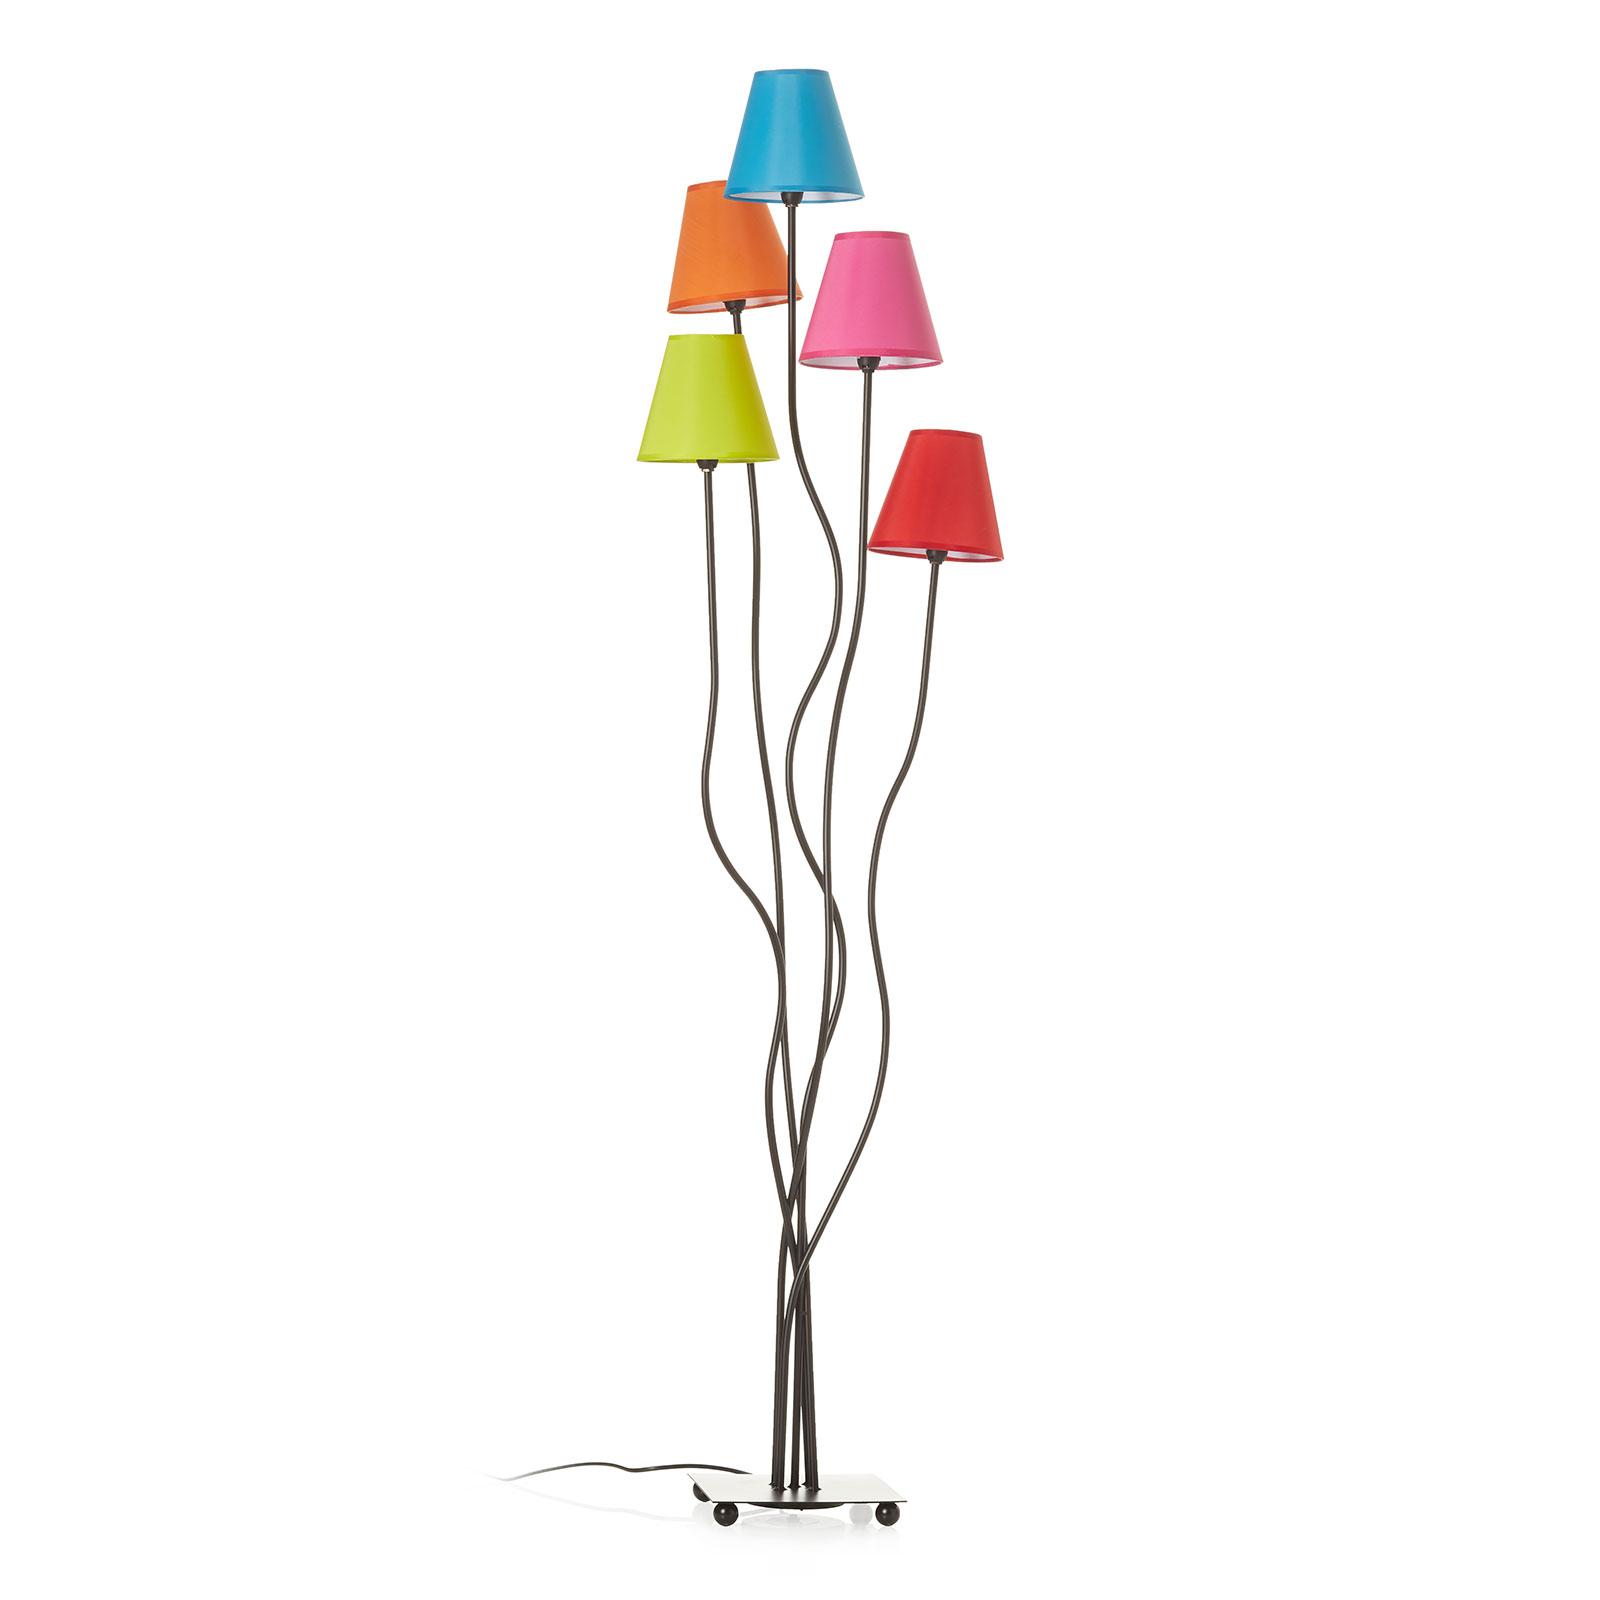 Tekstylna lampa stojąca Colori, 5-punktowa, kolory